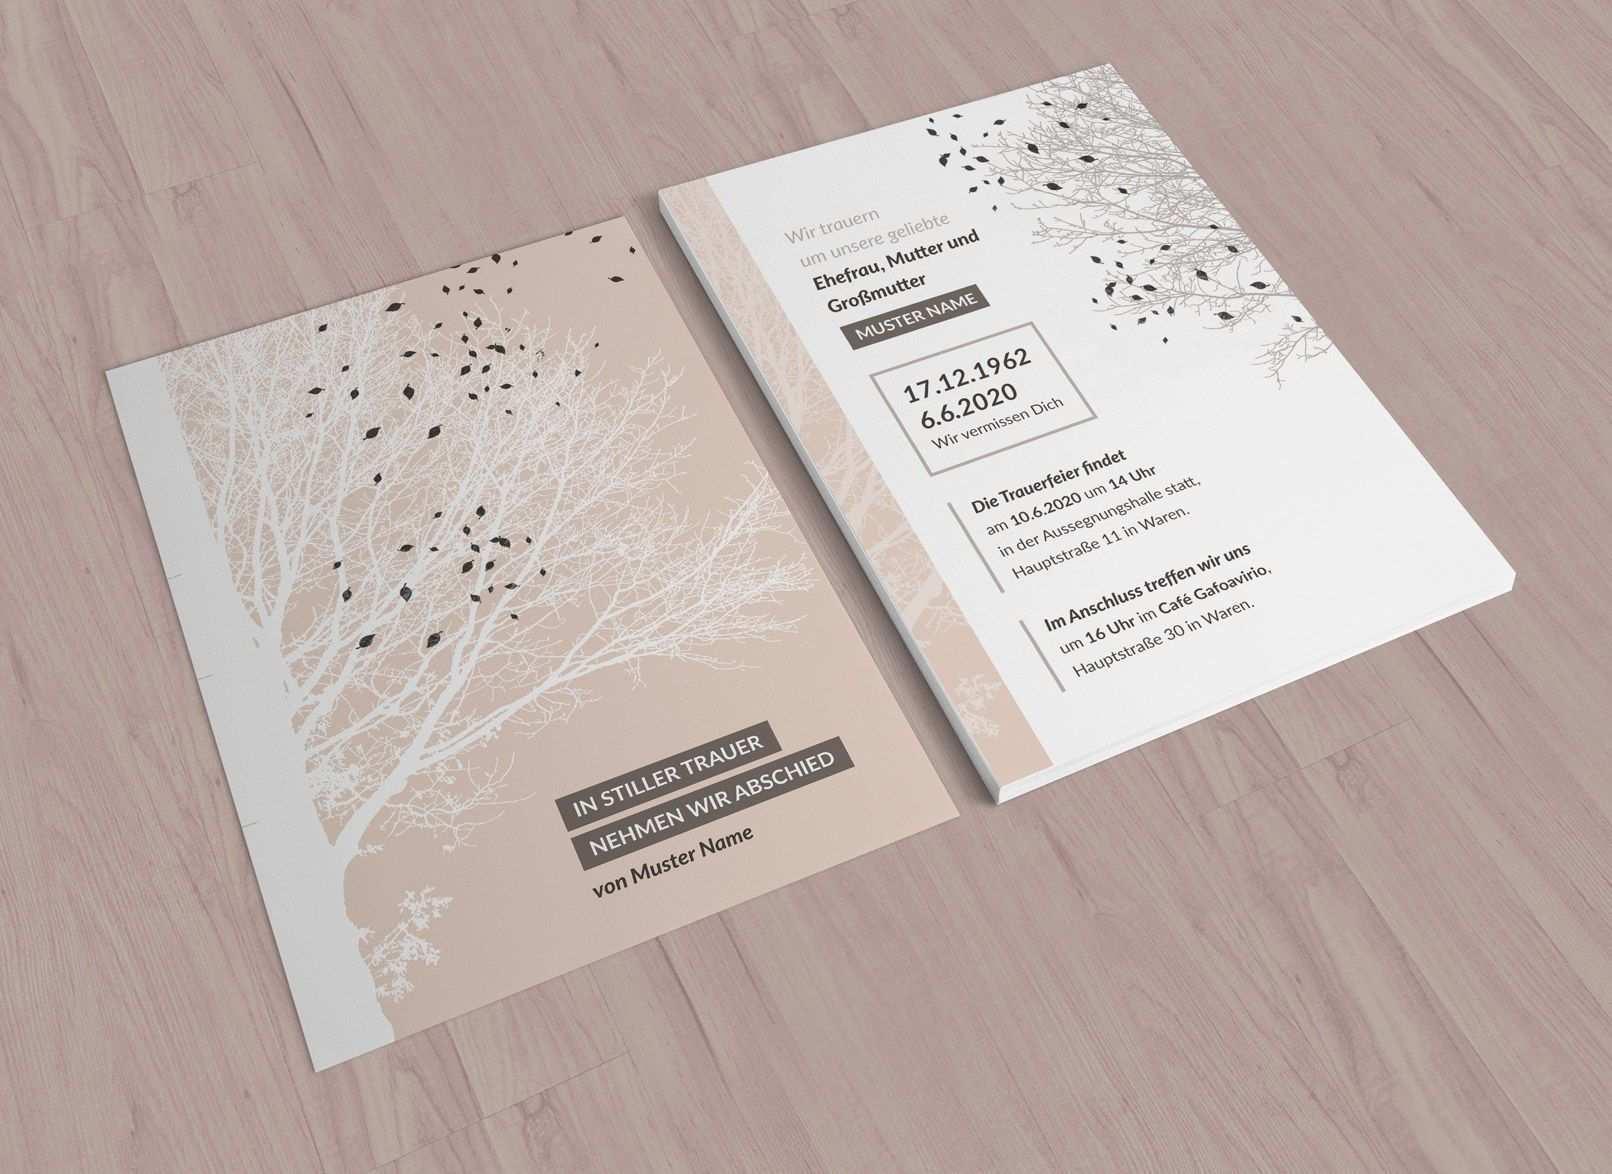 Trauerkarten Vorlagen Fur Einladungen Zu Beerdigung Und Trauerfeier Trauerkarte Trauerkarten Gestalten Trauerfeier